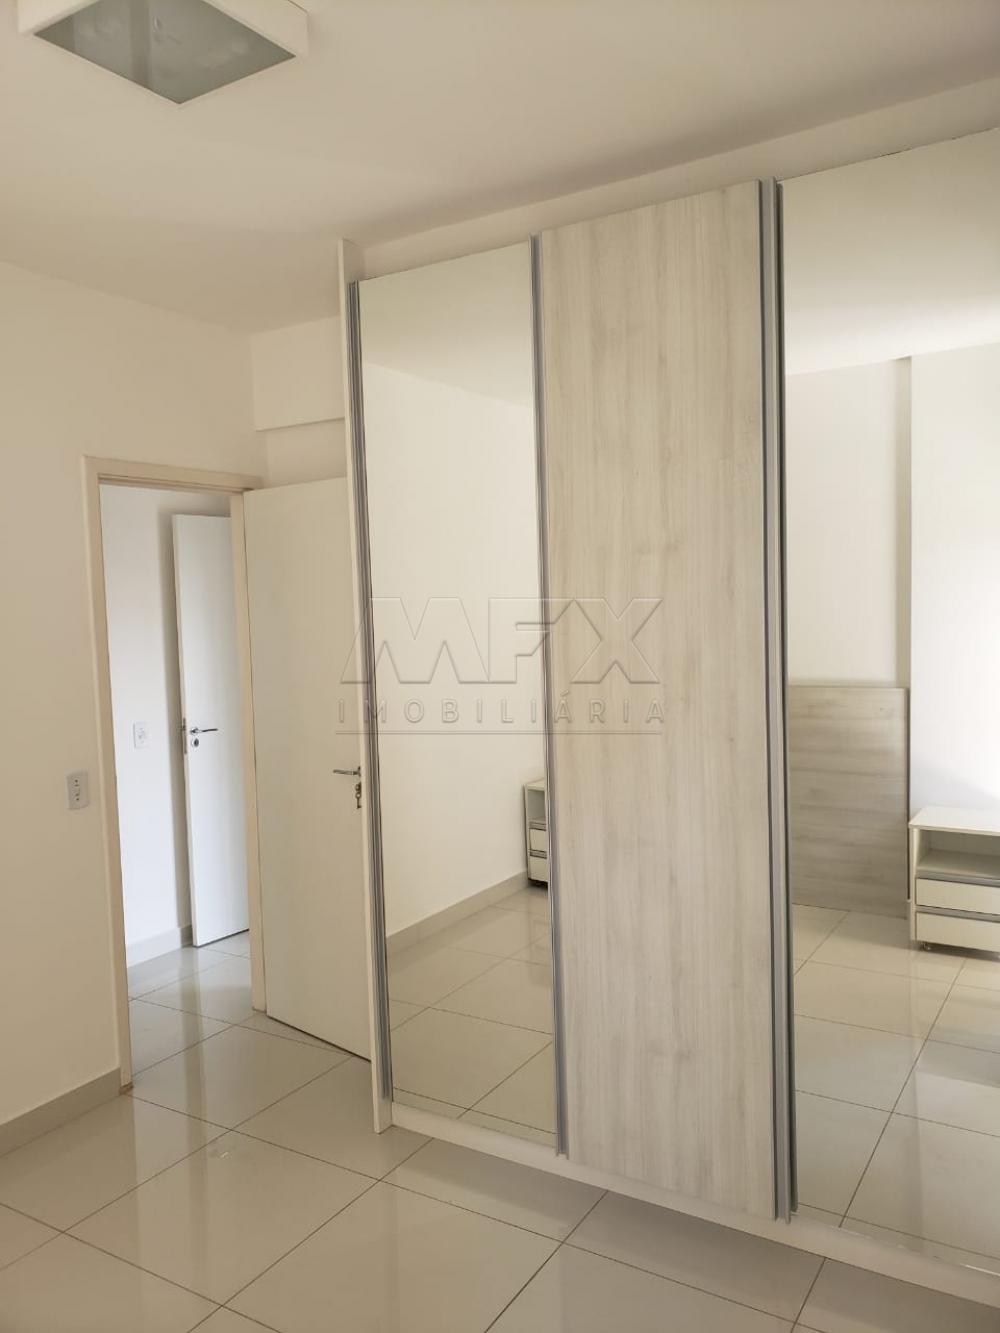 Alugar Apartamento / Padrão em Bauru apenas R$ 1.800,00 - Foto 10